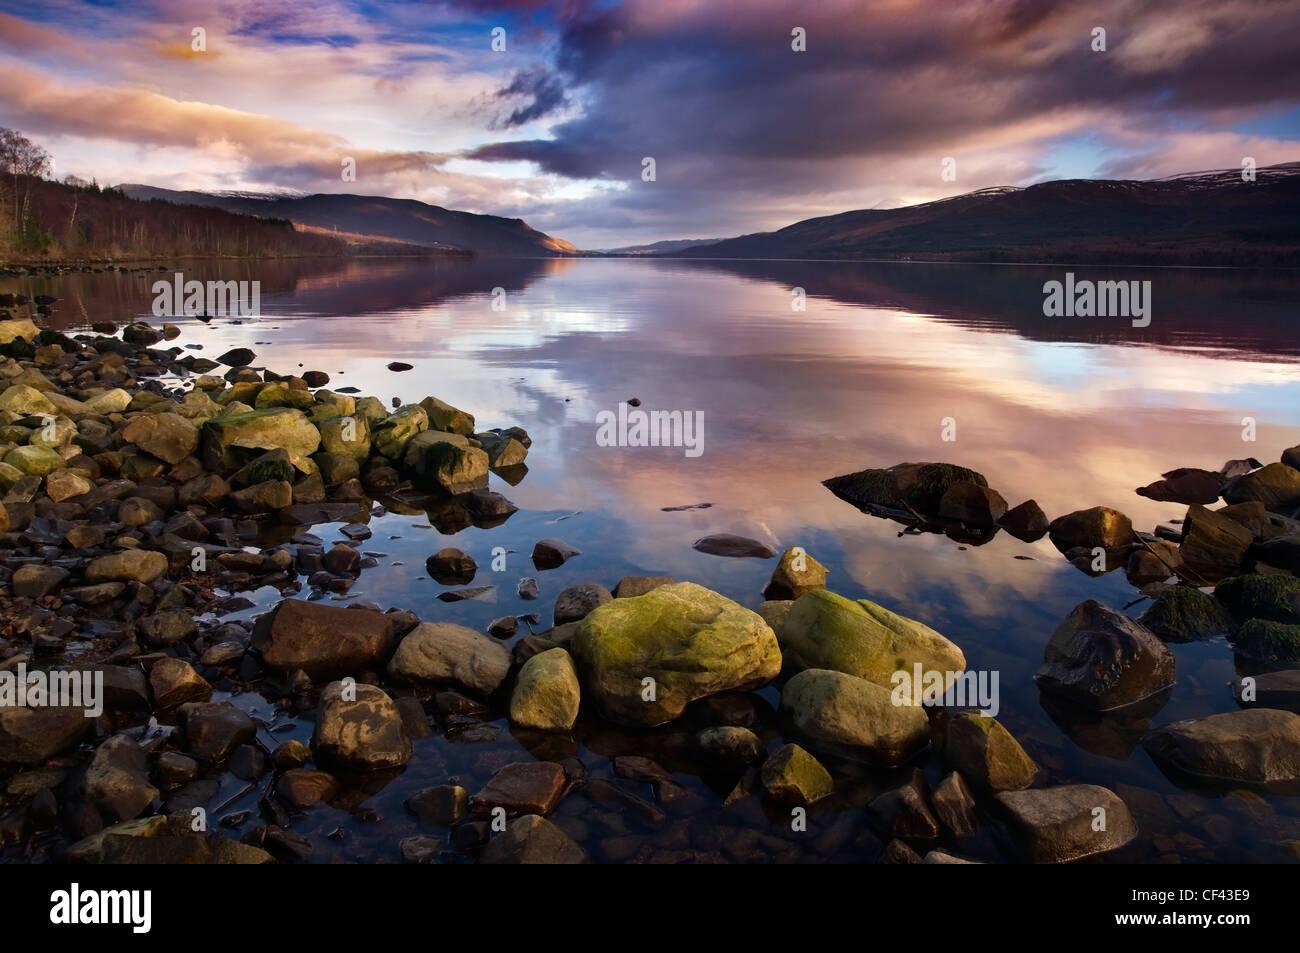 Late afternoon light on Loch Rannoch on Rannoch Moor. - Stock Image